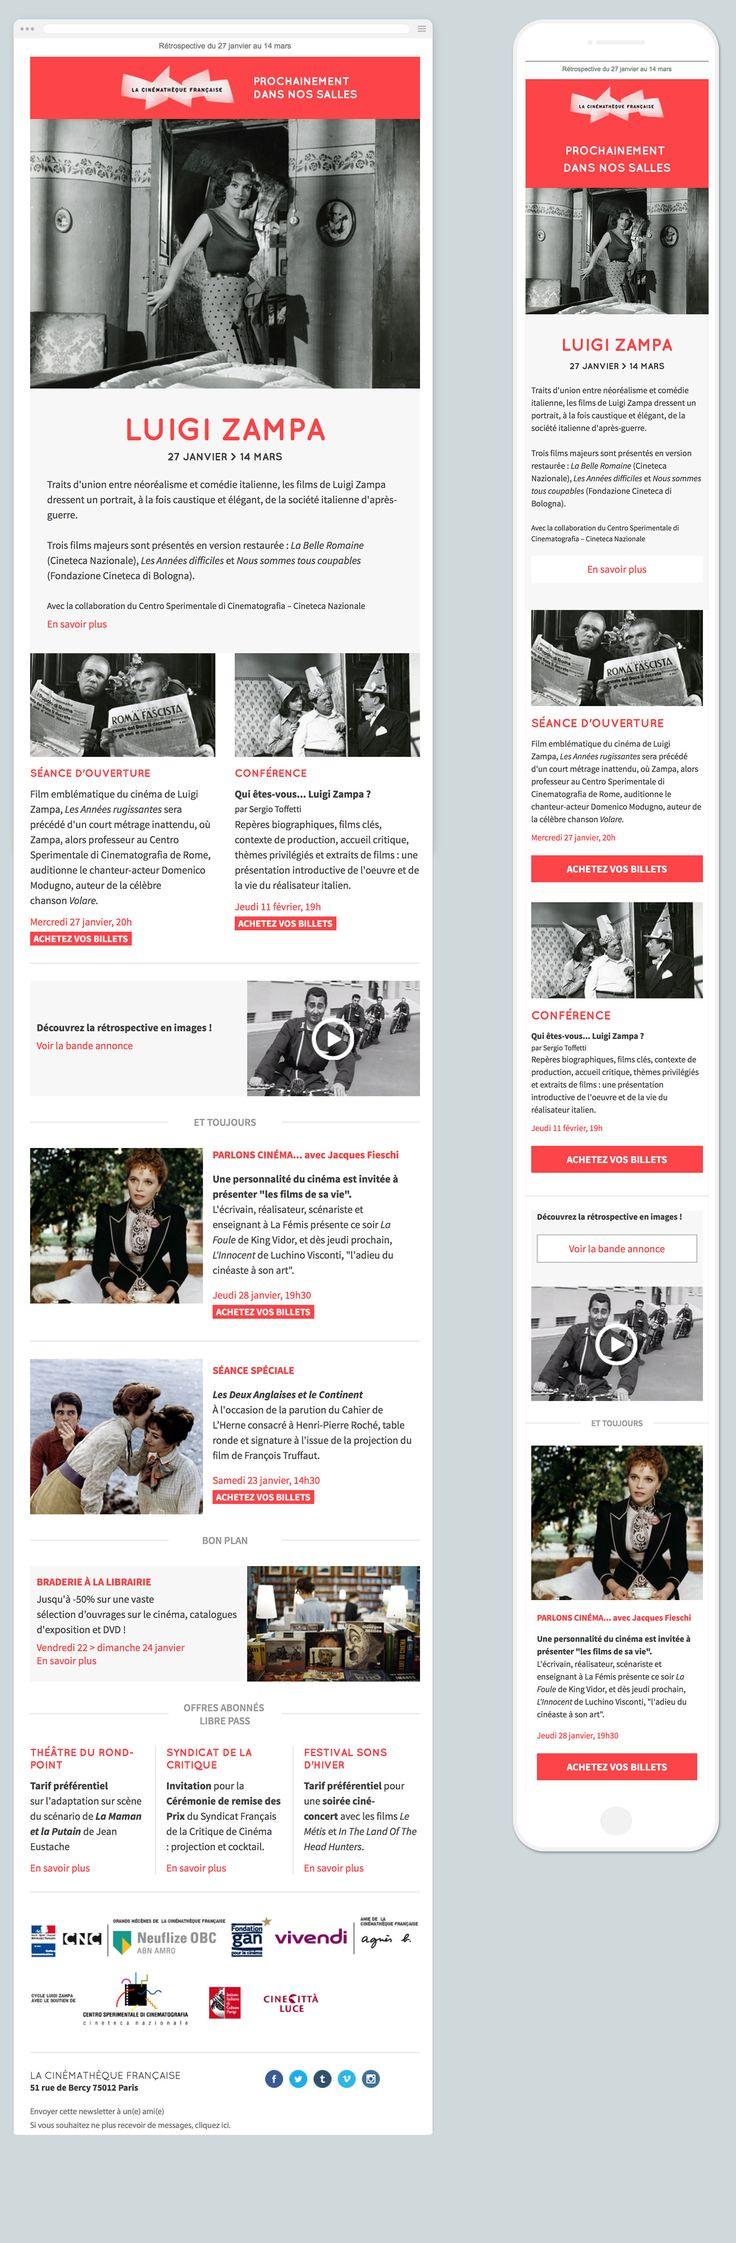 Newsletter responsive cinémathèque française. La news utilise des webfonts.                                                                                                                                                                                 Plus